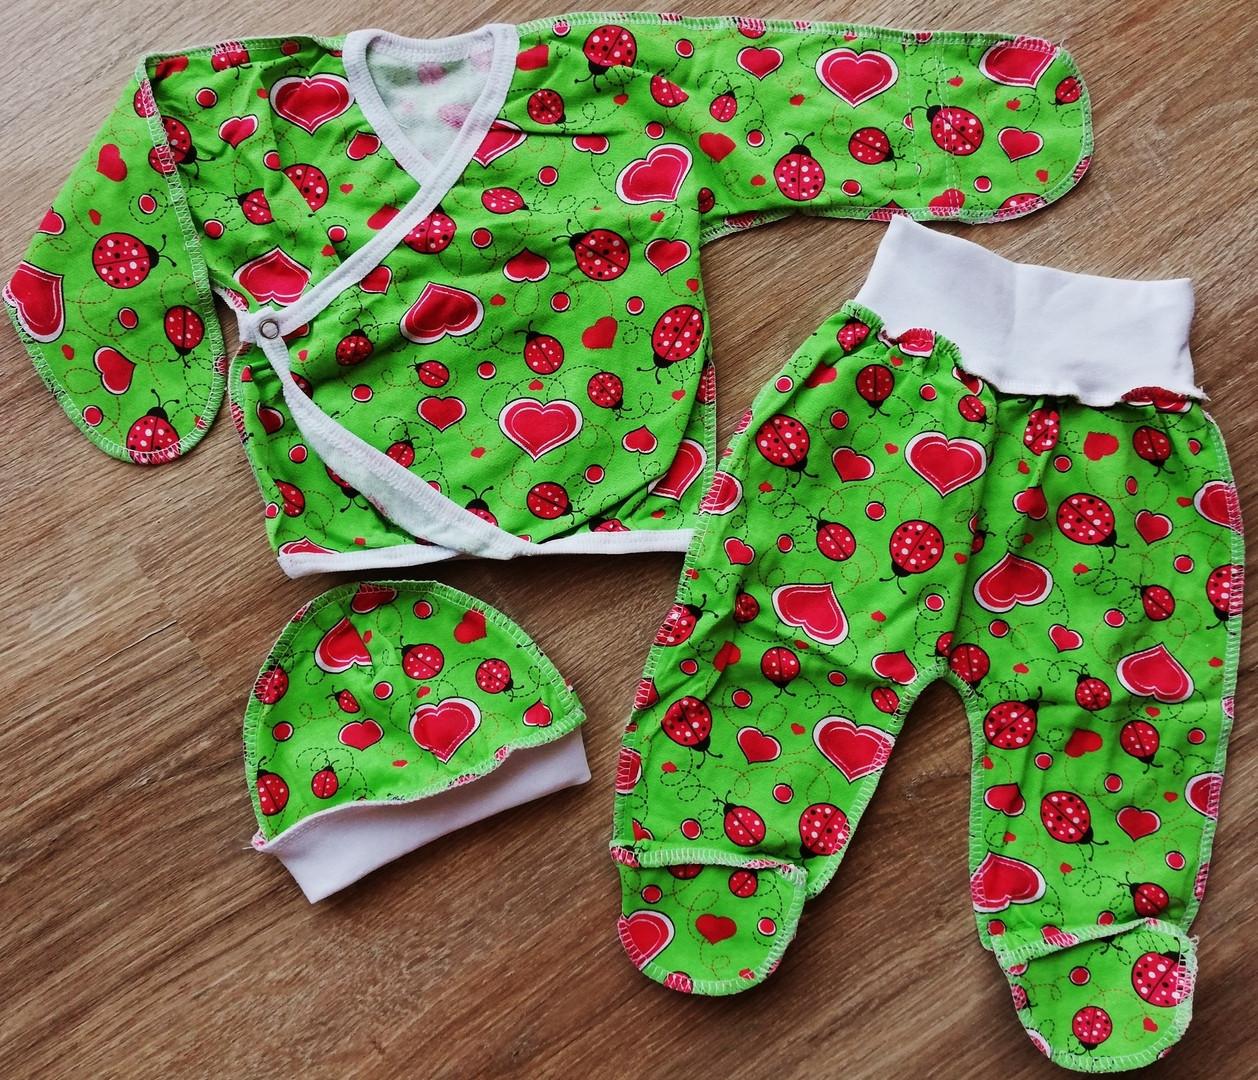 Ясельний набір для пологового сорочечка, шапочка і повзунки для новонароджених